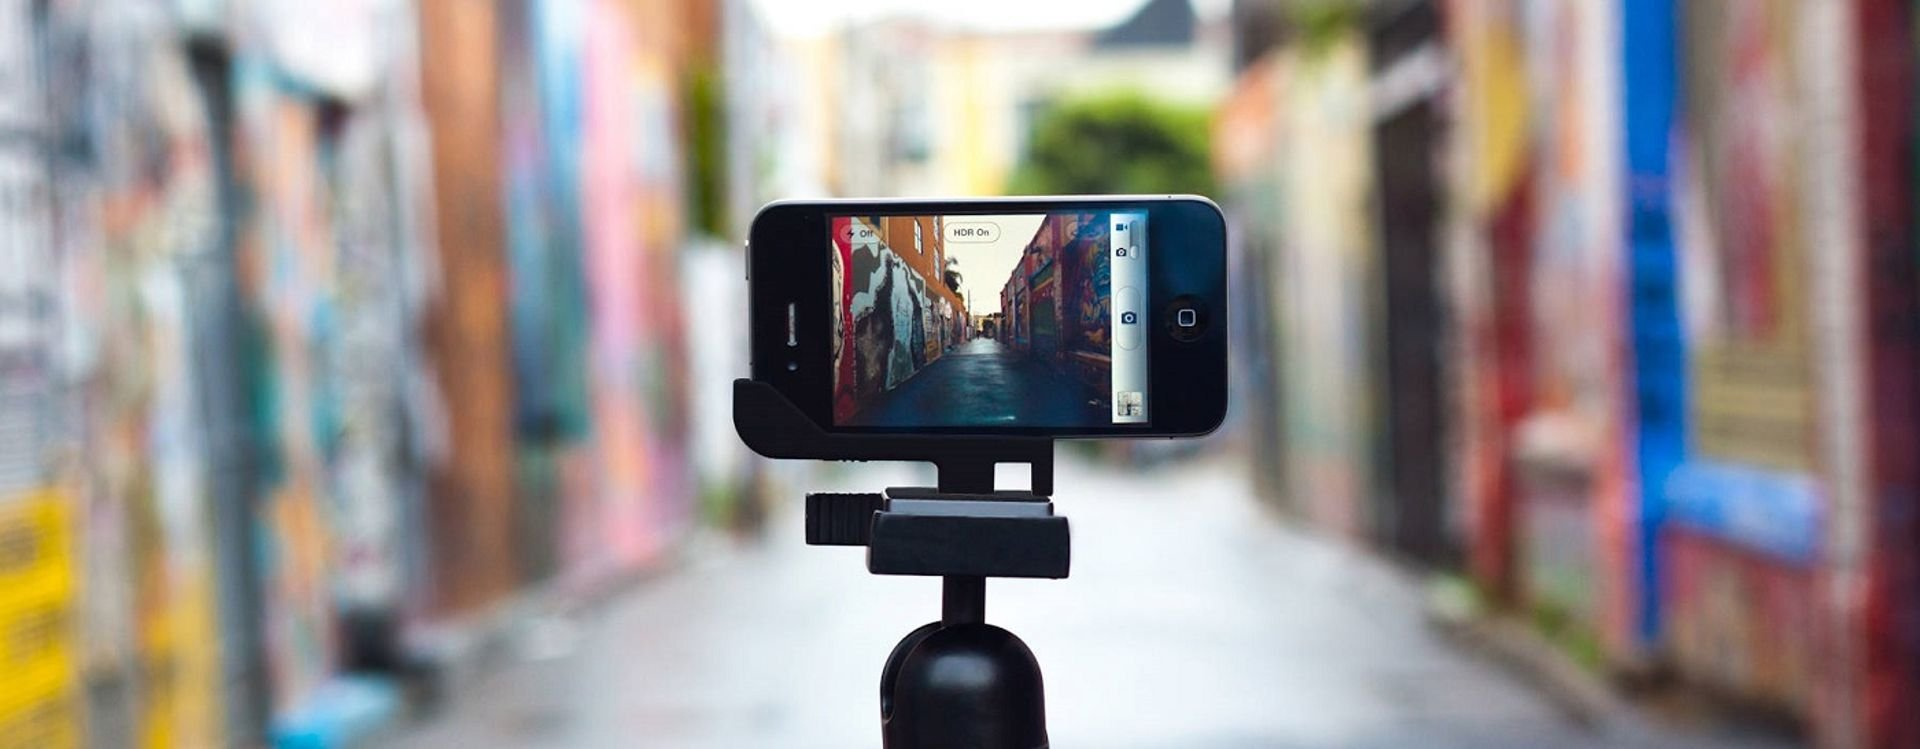 لا يعرف معظم مستخدموا الهواتف الذكية بأن لكاميراتها وظائف أخرى بخلاف التقاط الصور ومقاطع الفيديو.